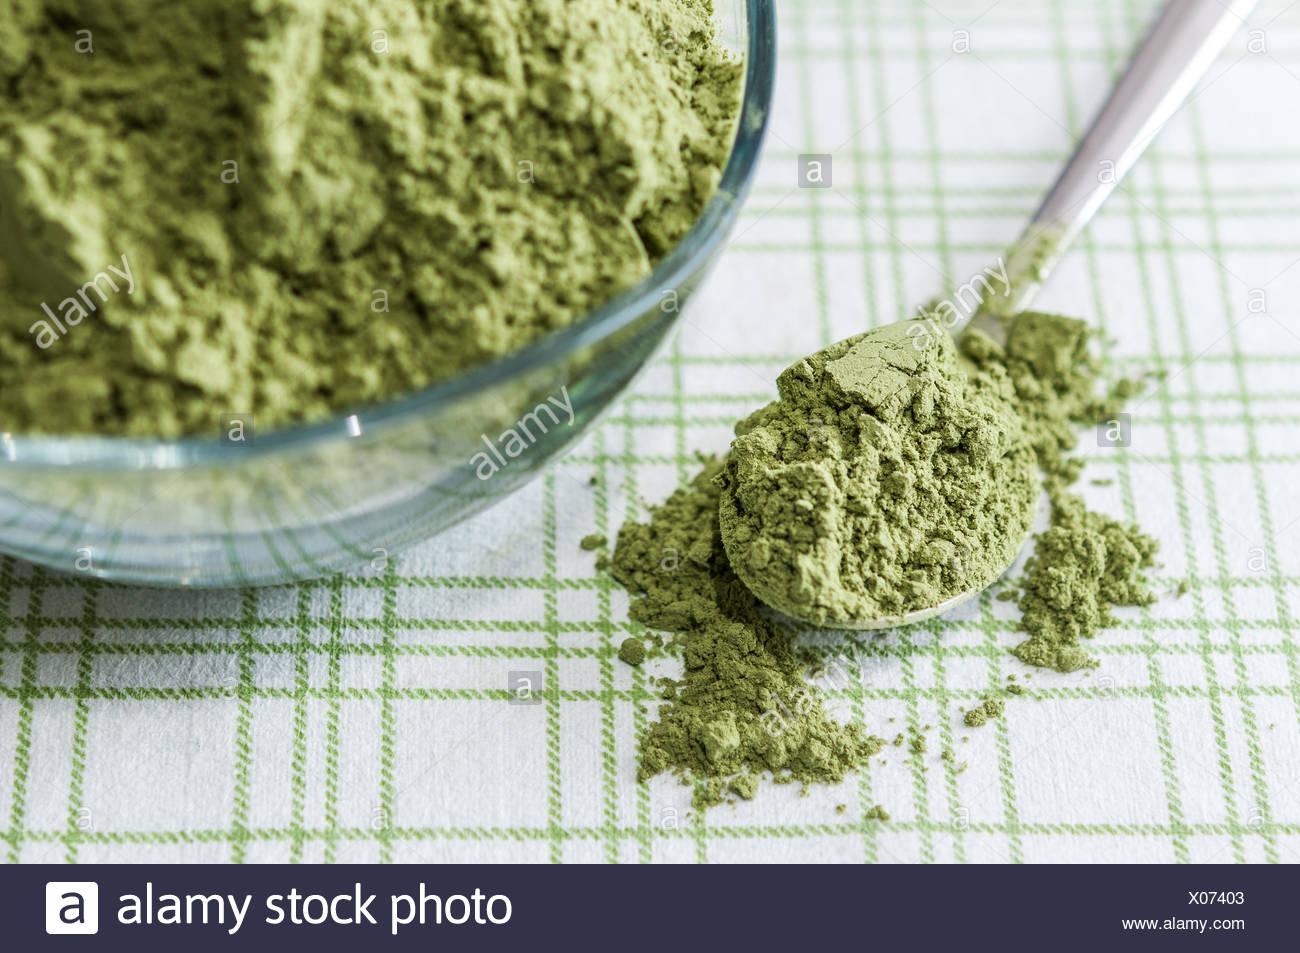 L'agropyre poudre vaisselle Photo Stock